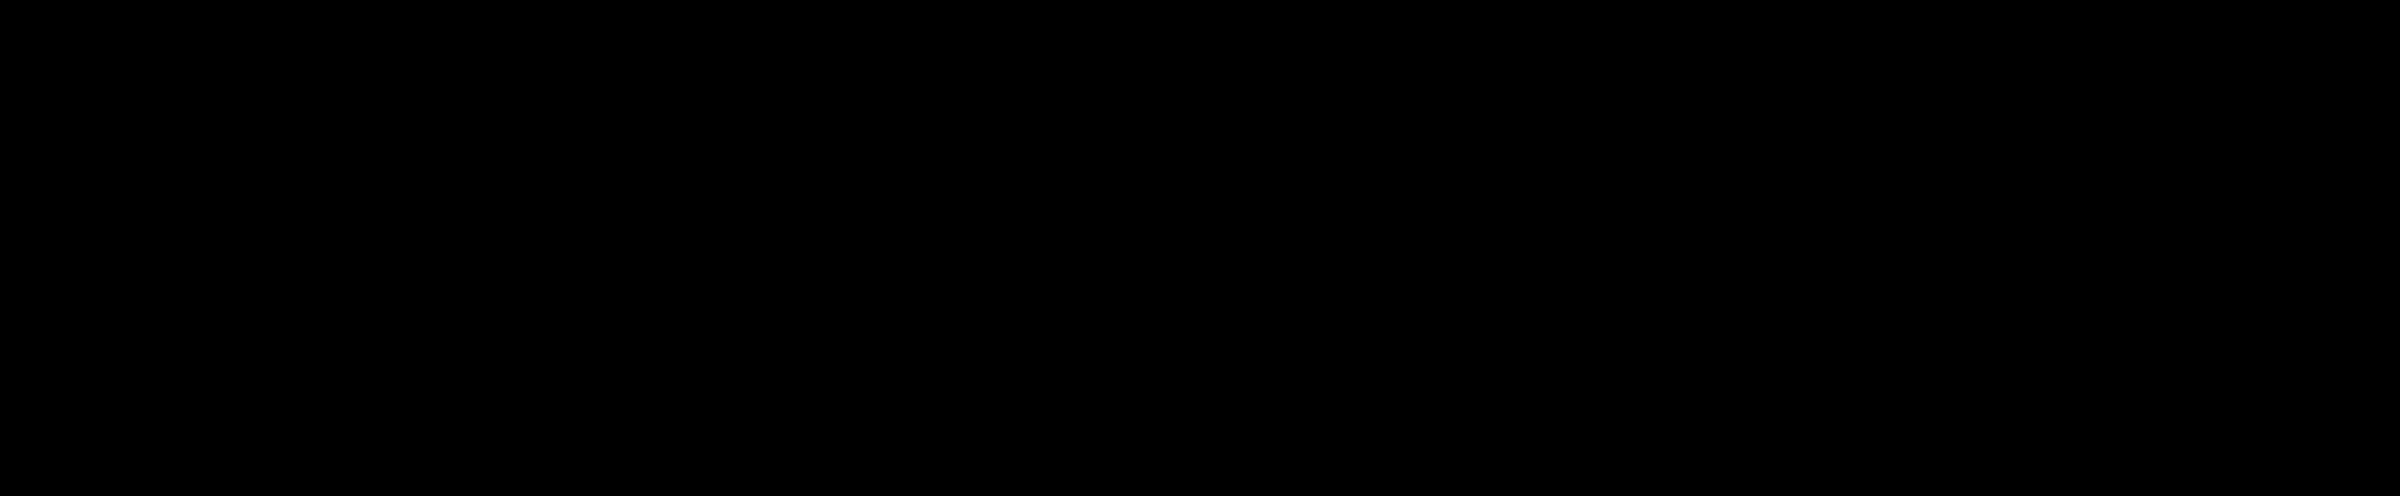 Calvin Klein logo png transparent - Calvin Klein Logo PNG